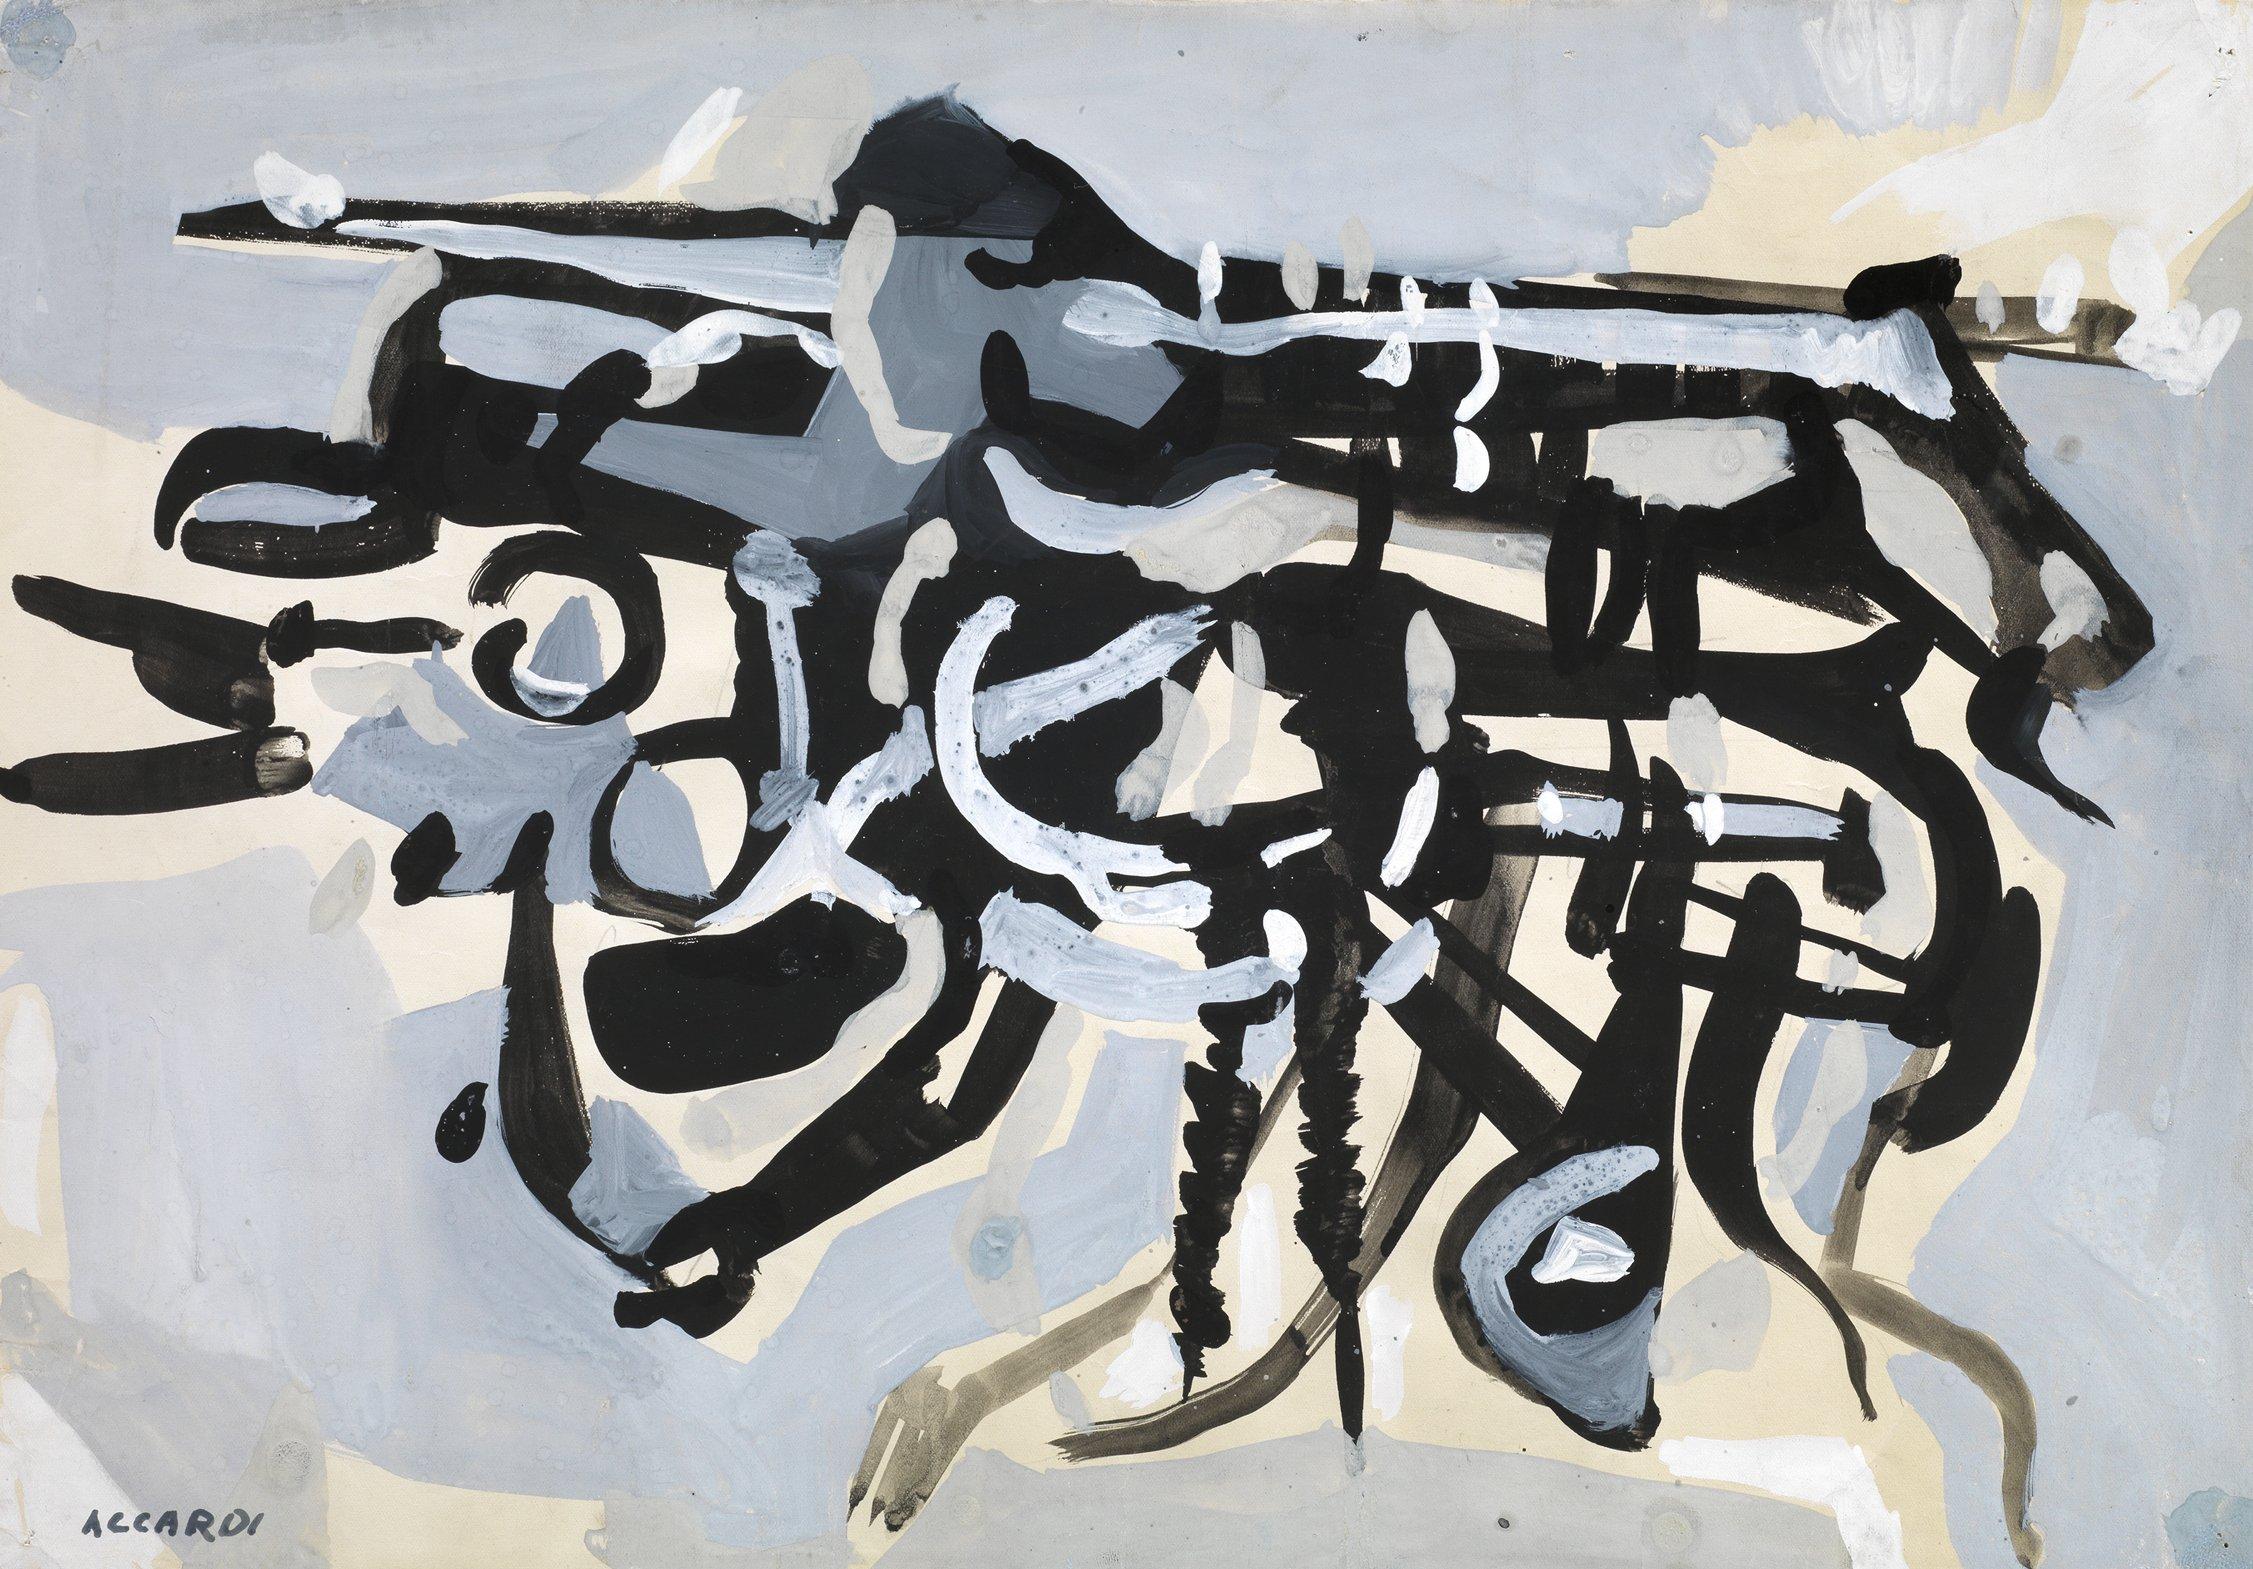 Carla Accardi, Senza titolo, 1954, 35 x 50 cm